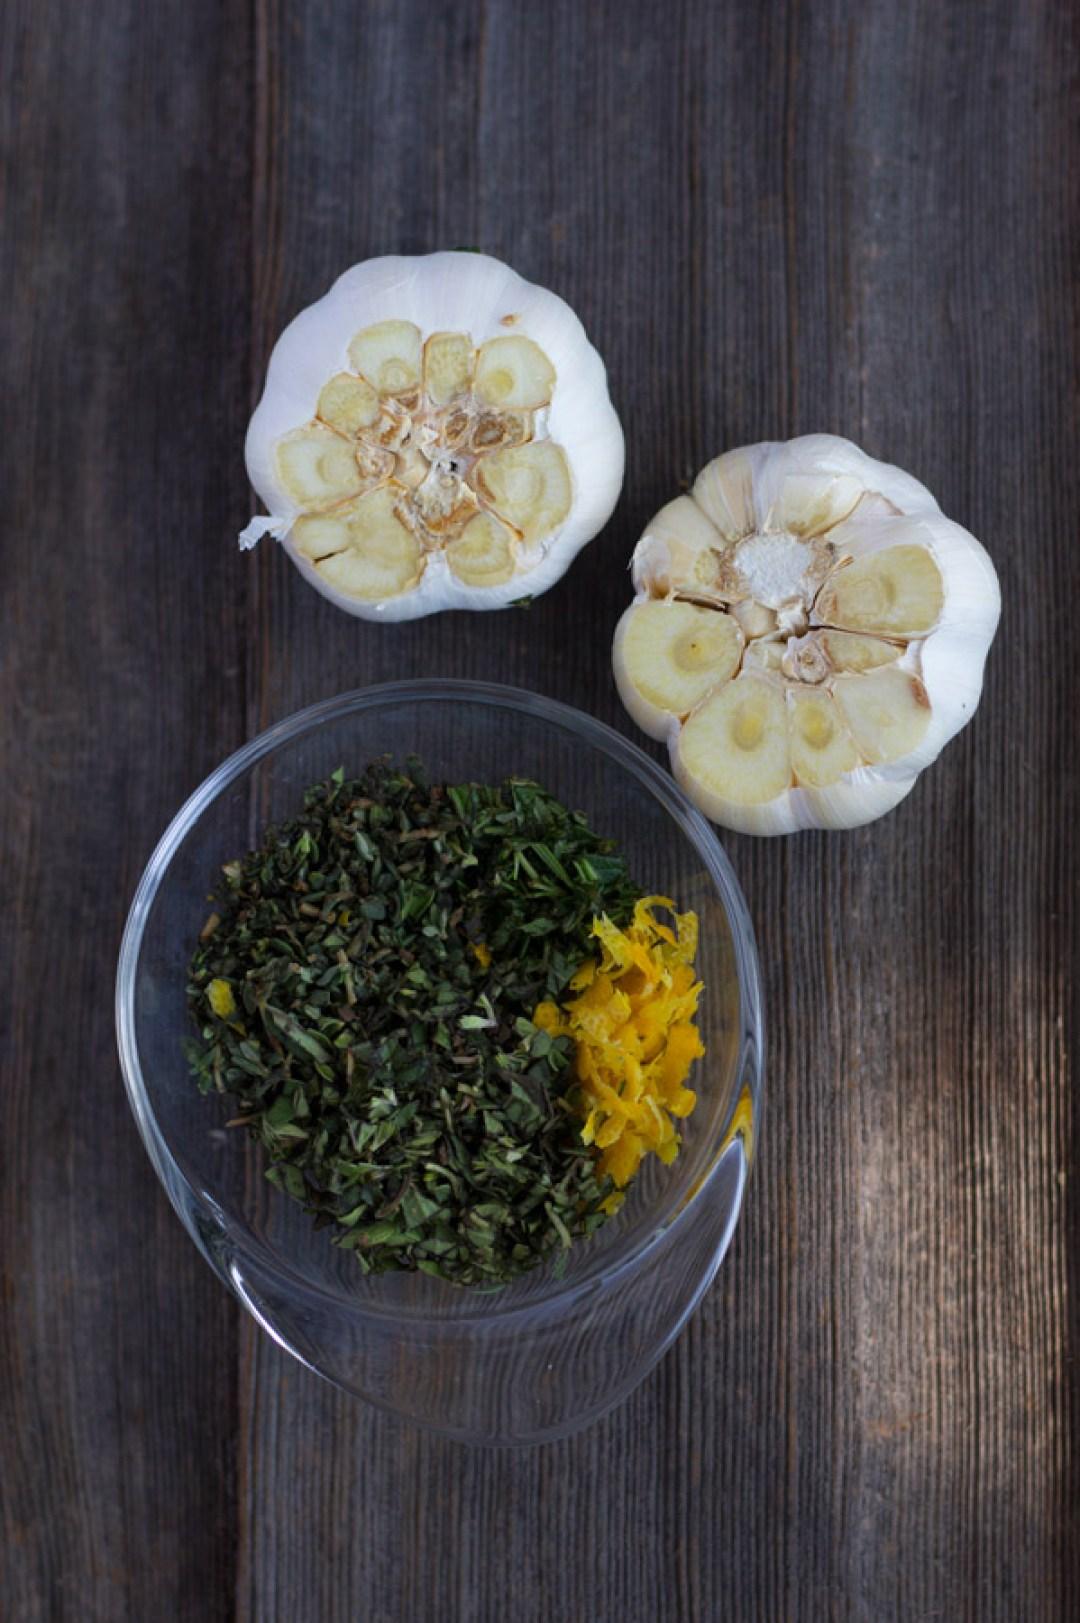 Lemon Herb Roasted Chicken - Chopped Herbs Lemon Zest Garlic   www.butterandthings.com